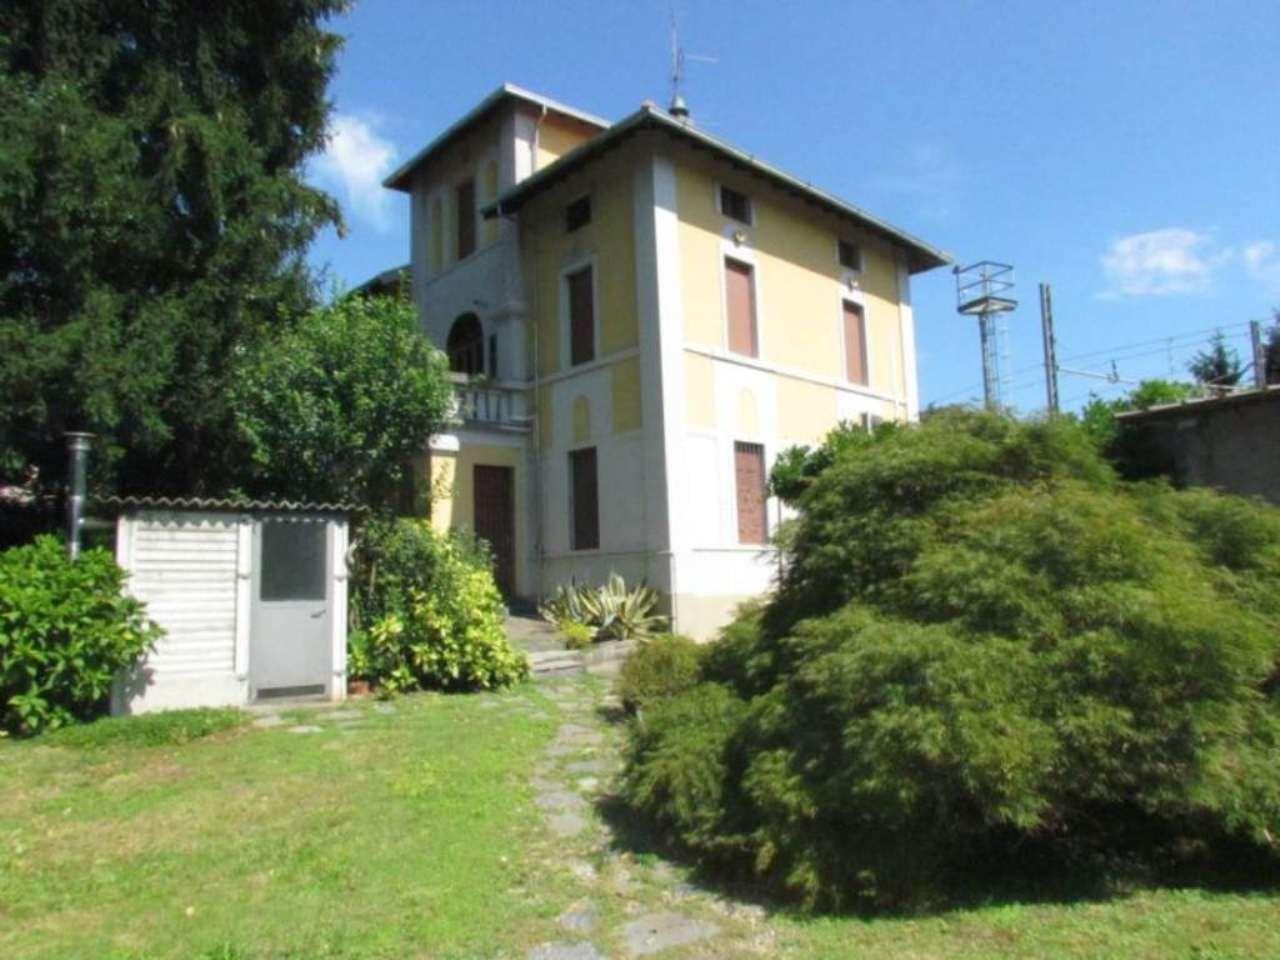 Villa in vendita a Tradate, 9 locali, prezzo € 330.000 | Cambio Casa.it